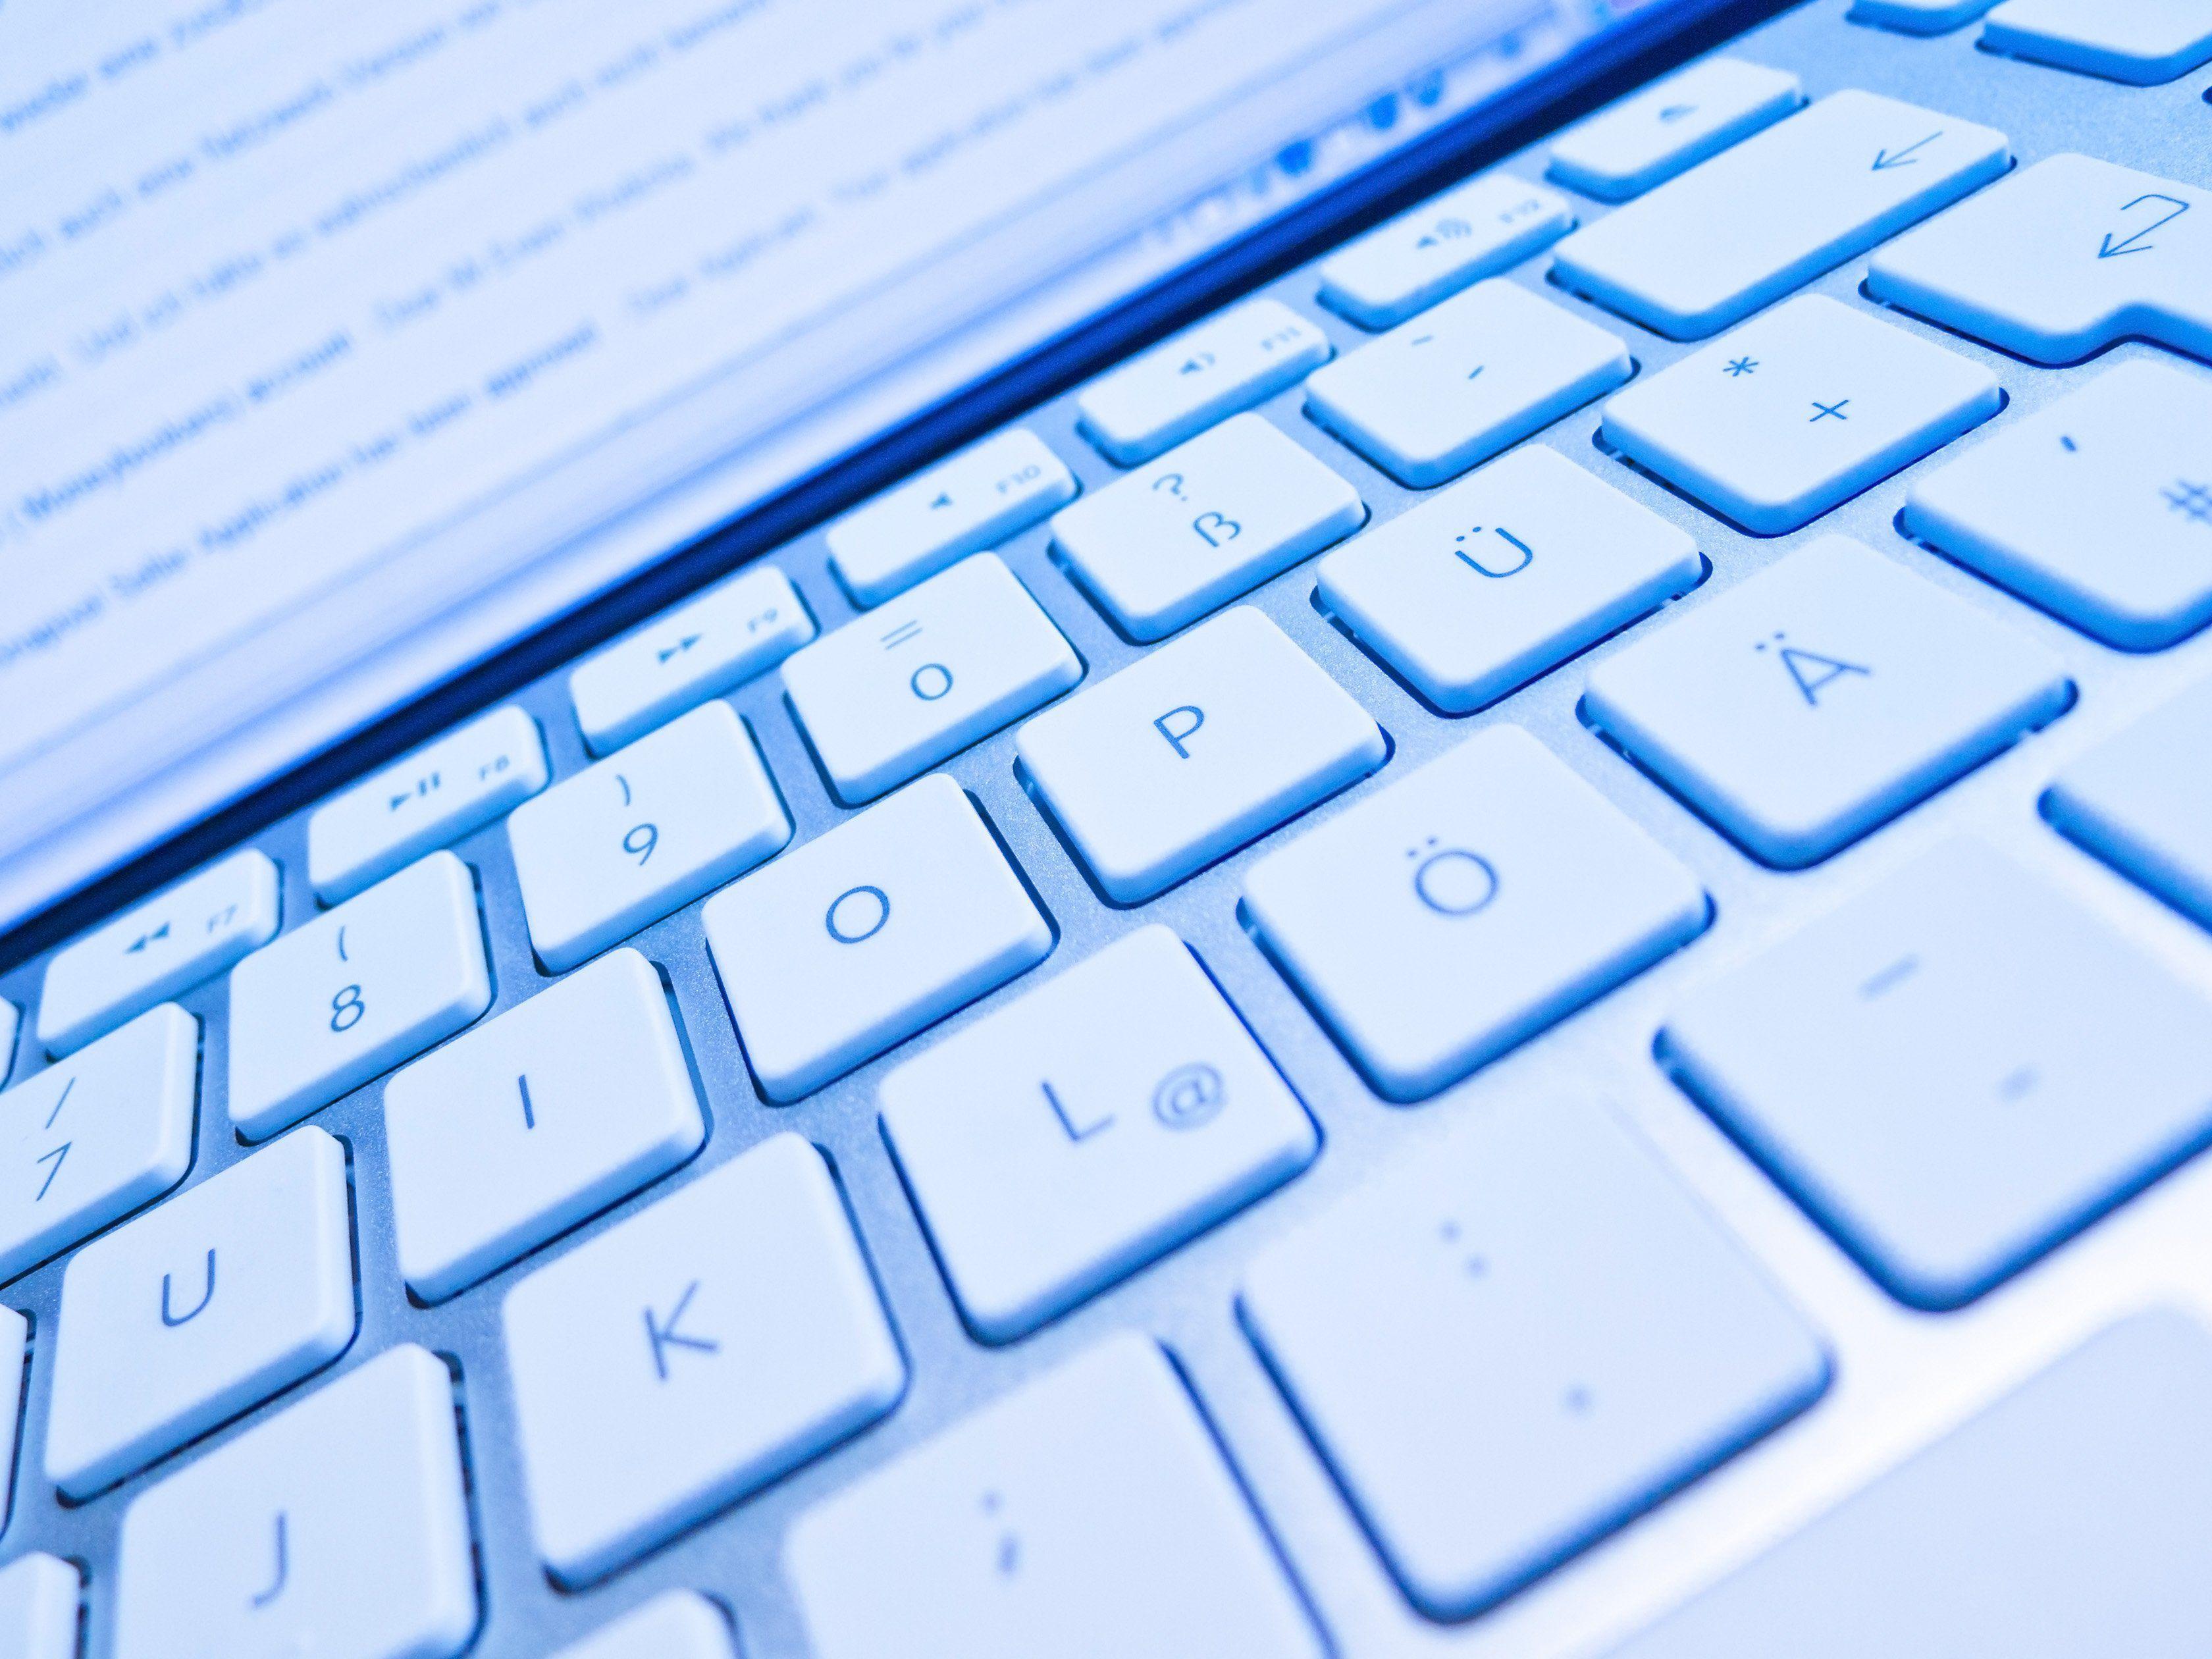 Laut Europol könnte sich der erste Online-Mord noch diese Jahr ereignen.